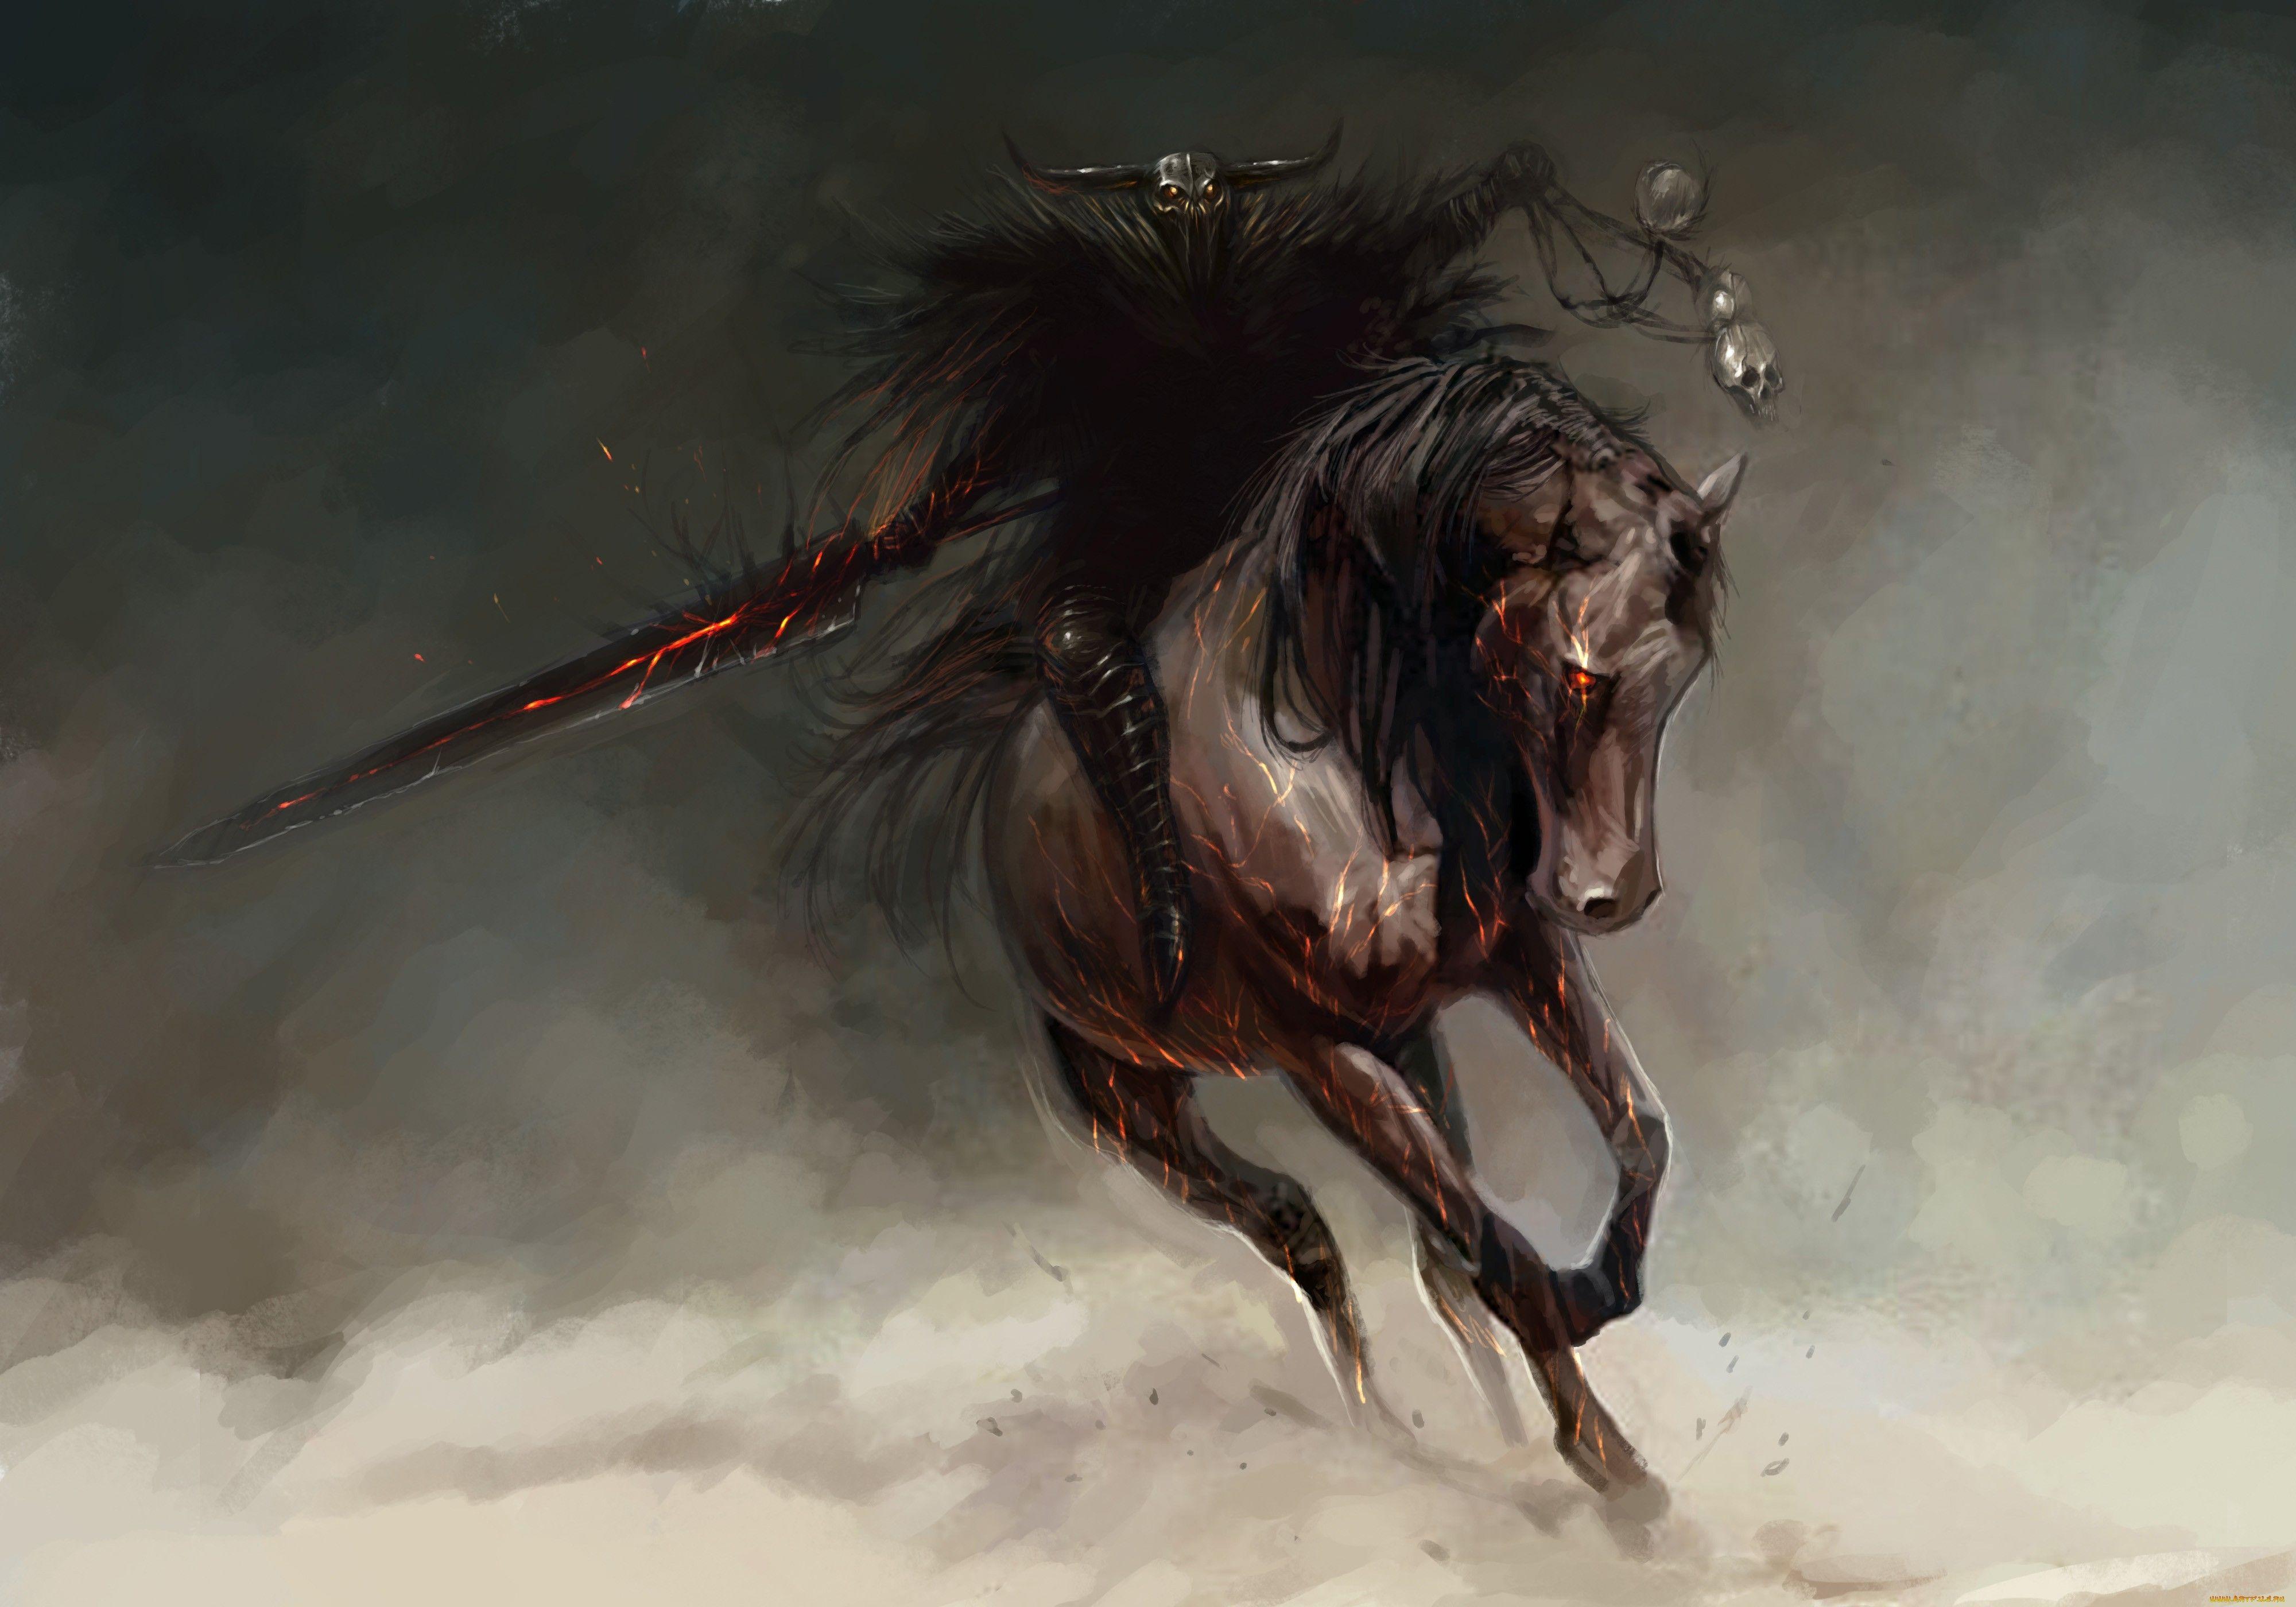 Fantastic Wallpaper Horse Art - 74c6631600d5704a3e0d7bd6ee1ae0ca  Pictures_94393.jpg